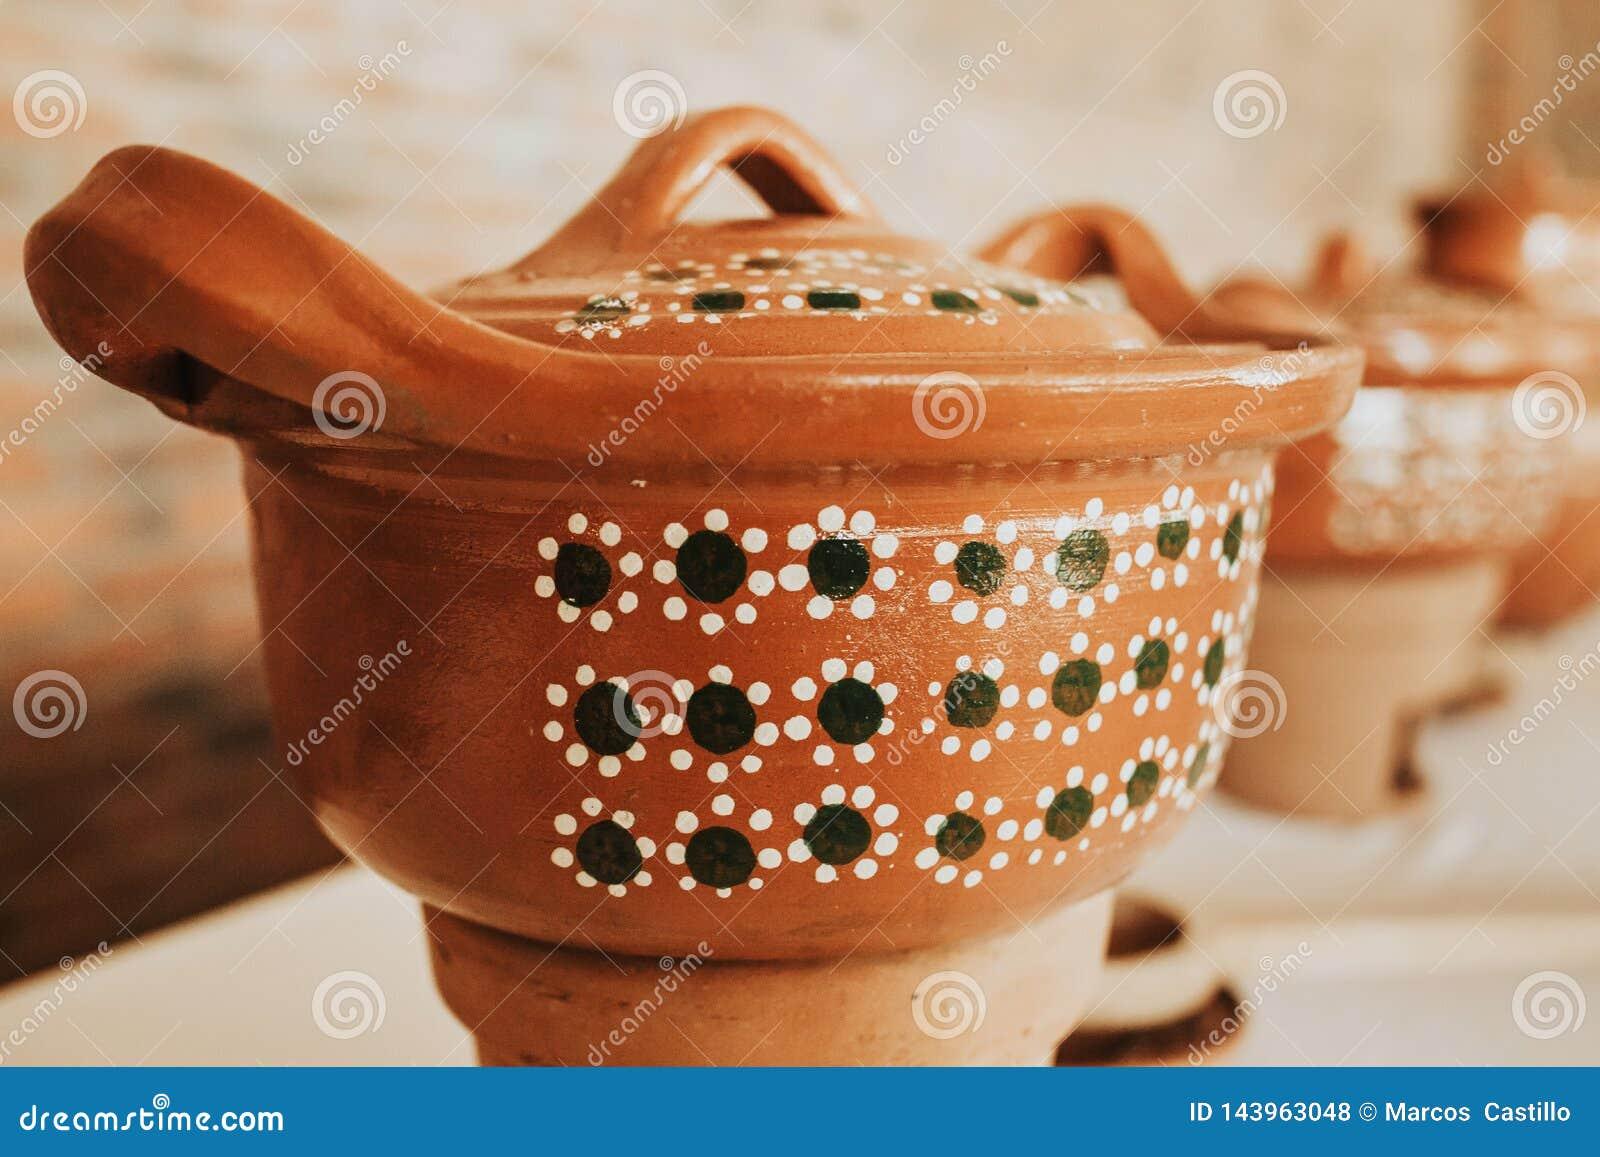 Mexicana или баки Cazuela для мексиканской кухни и шведского стола в Мексике